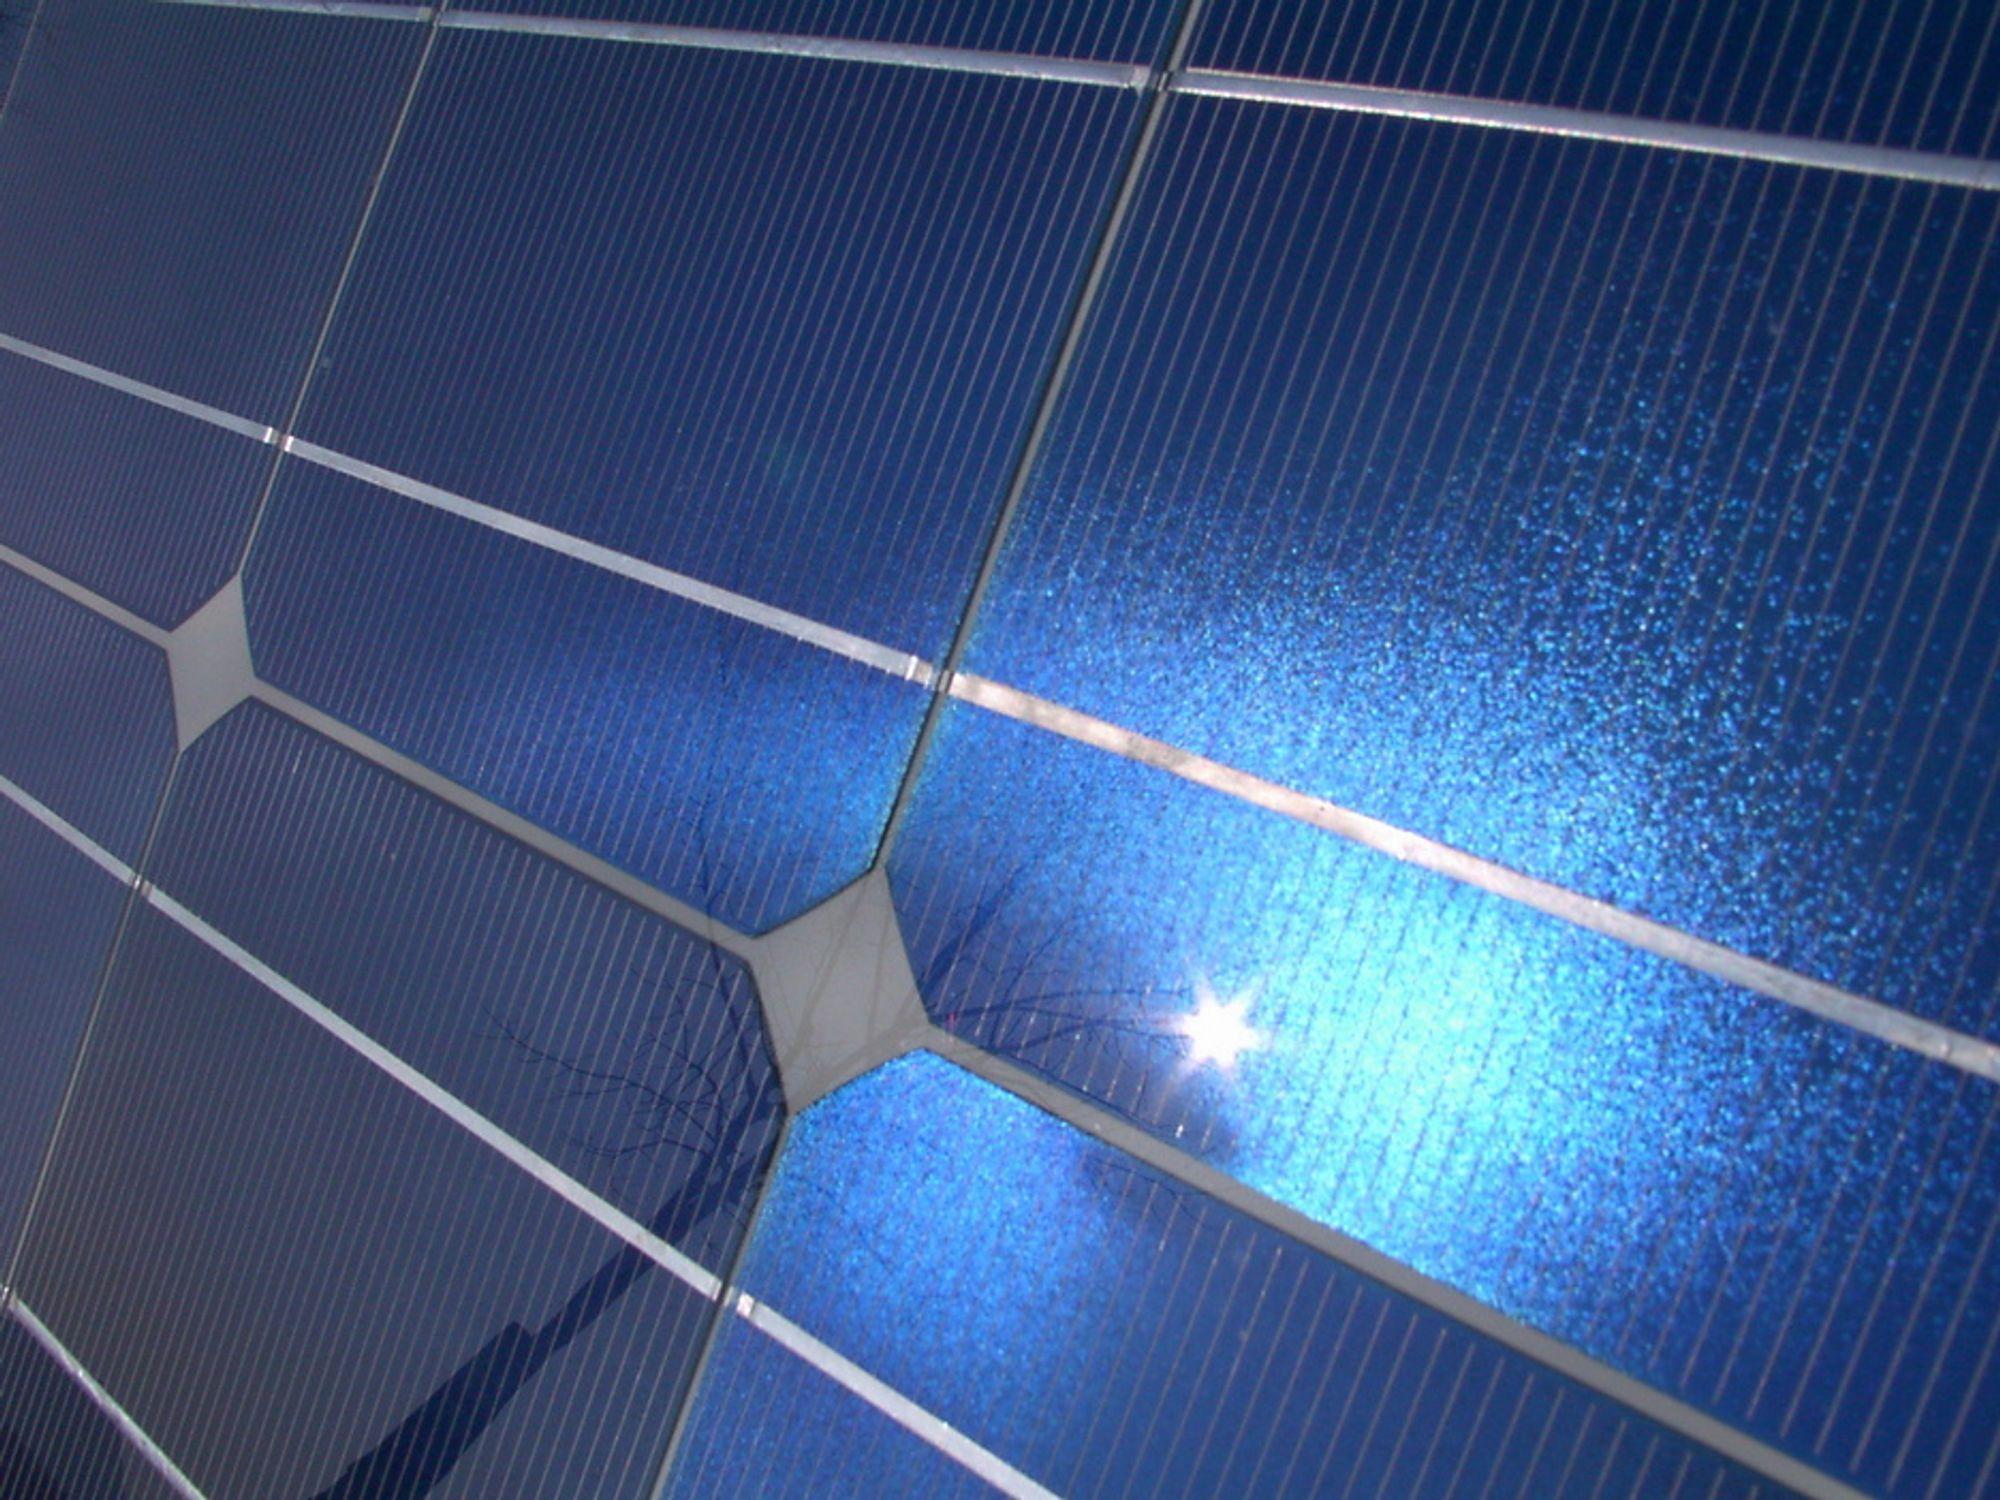 Når Statkrafts nye solkraftanlegg står ferdig, vil det levere nok strøm til å forsyne rundt 1200 italienske husholdninger